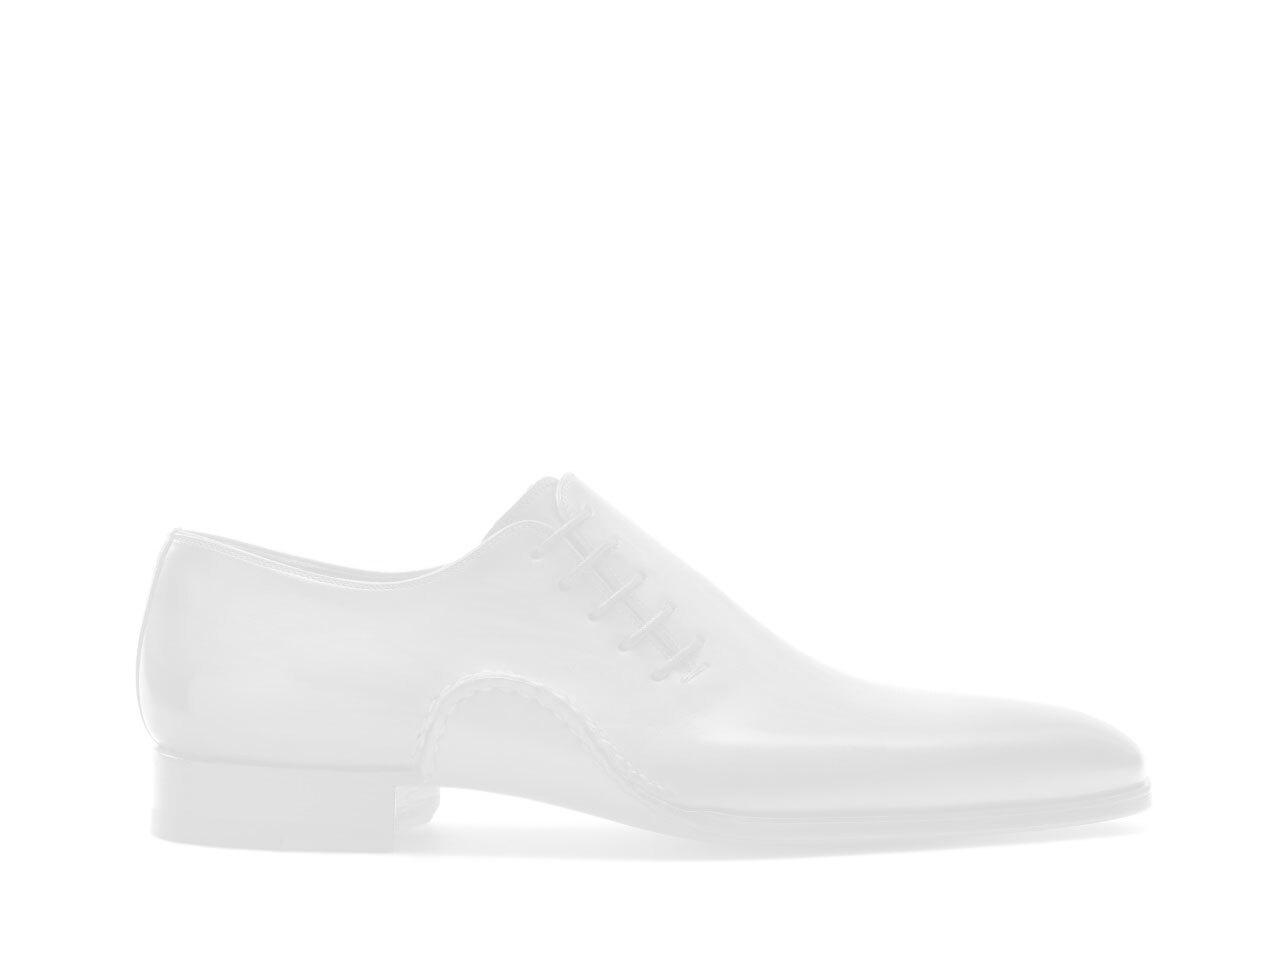 Sole of the Magnanni Allen Cognac Men's Comfort Dress Shoes